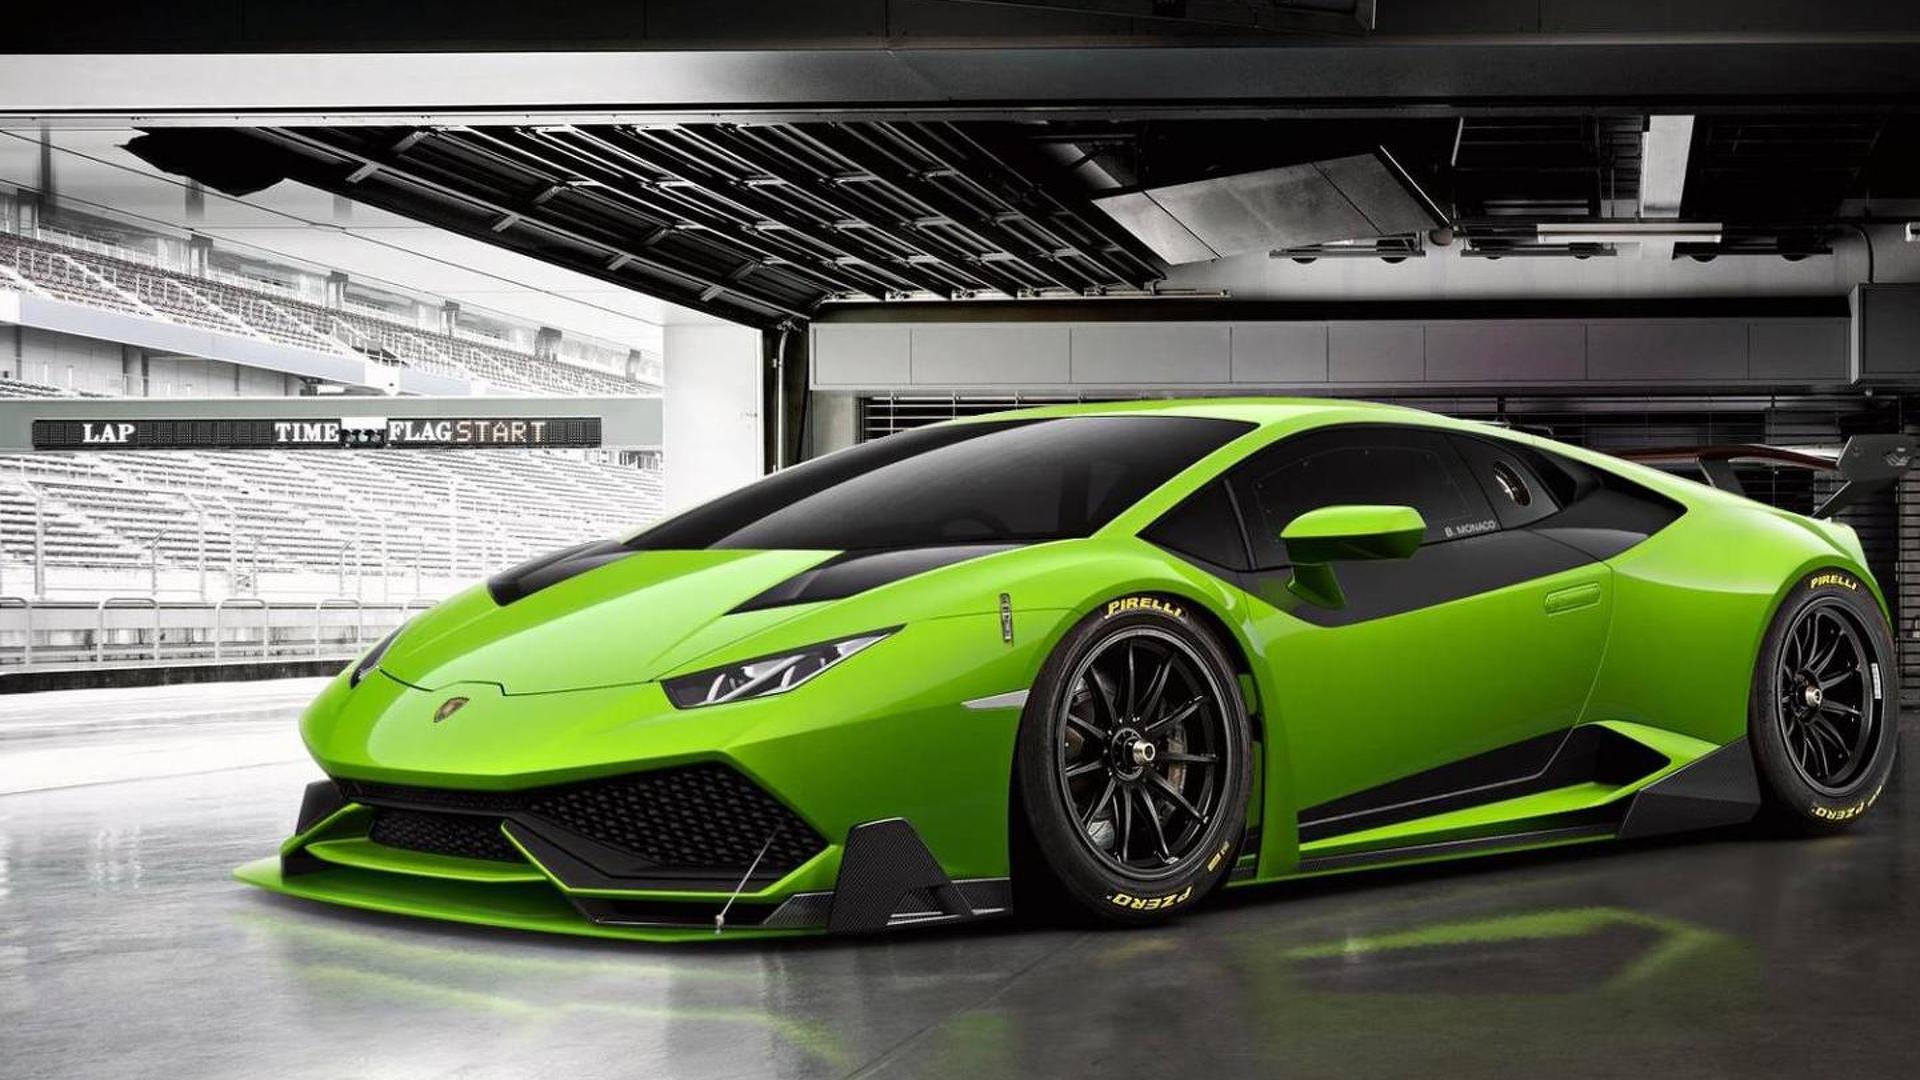 Lamborghini Huracan Super Trofeo gets rendered